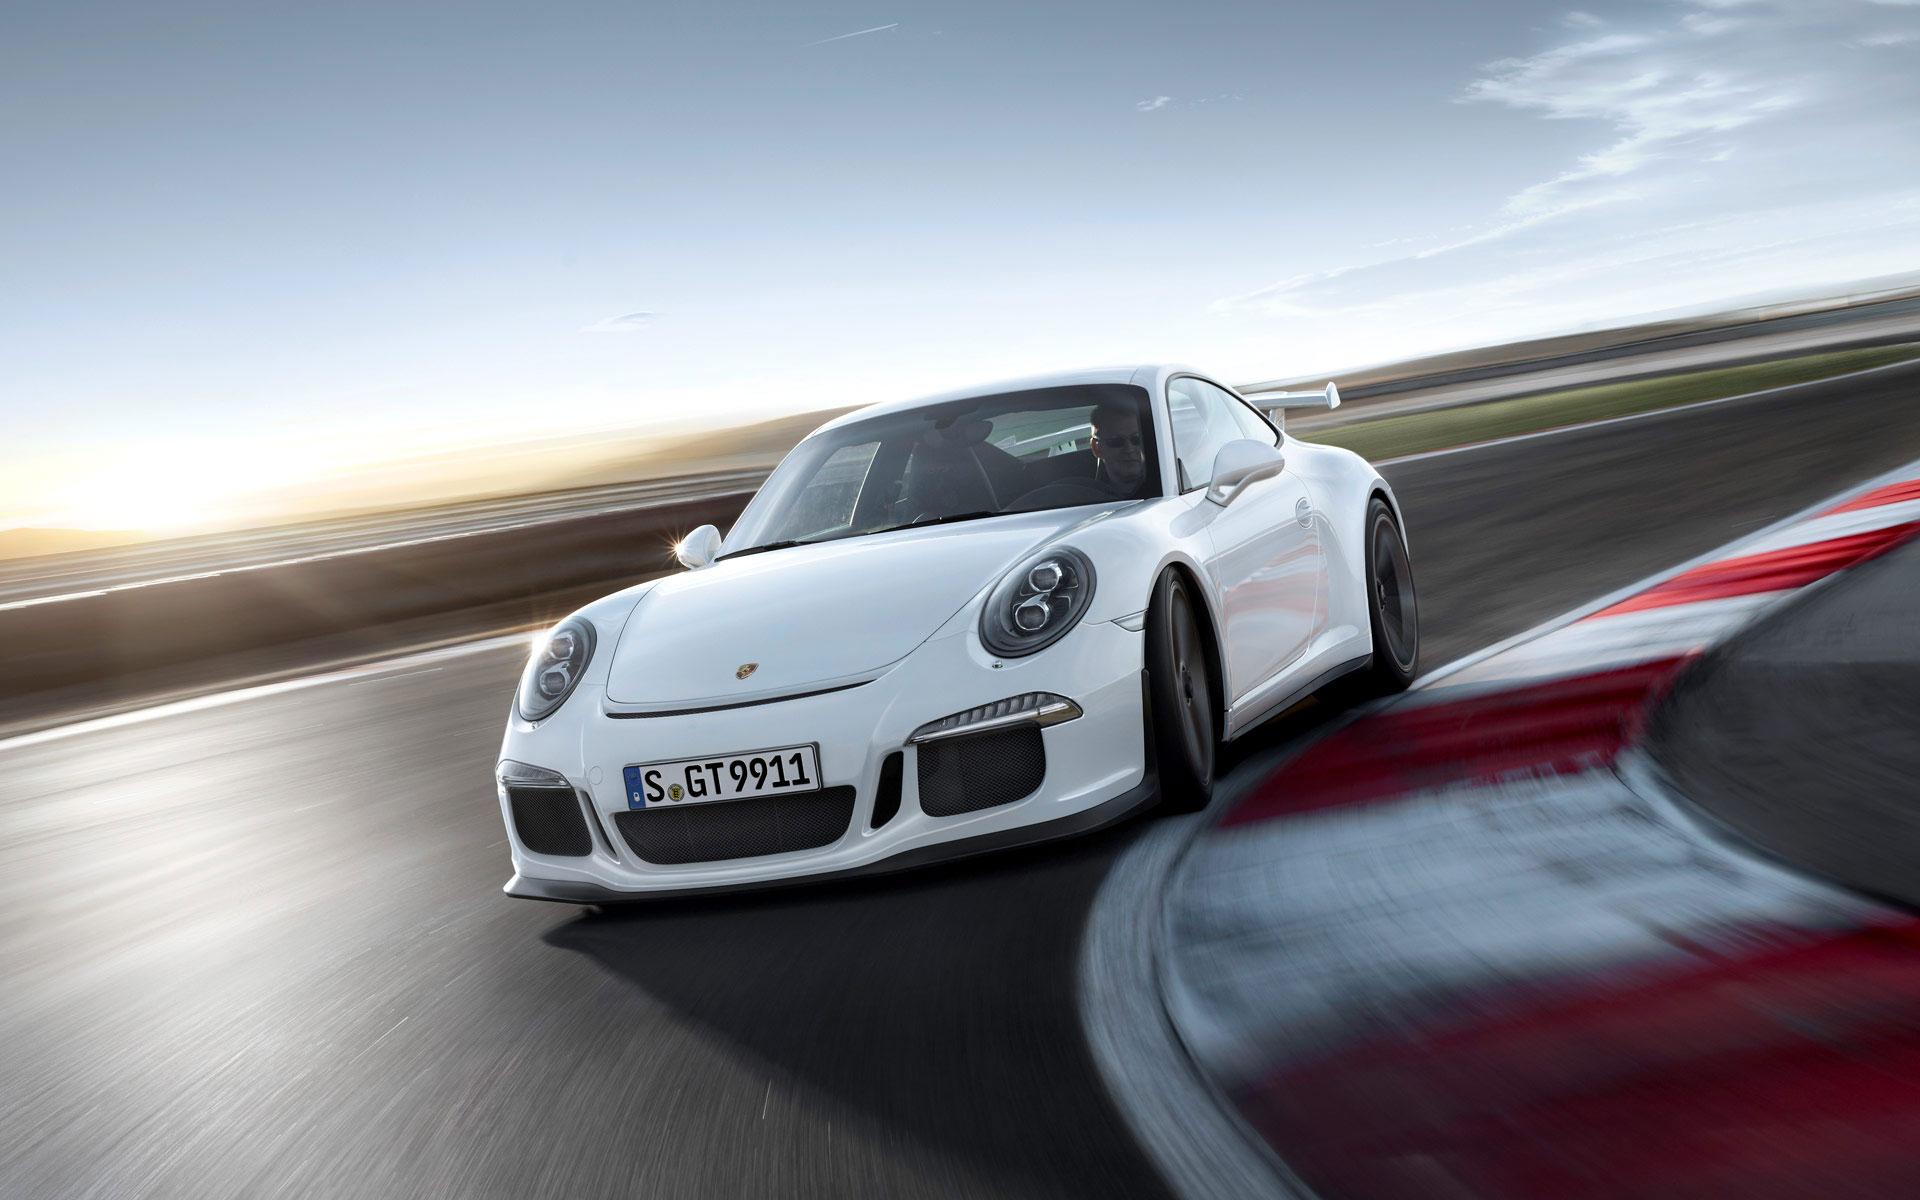 Image - 2014 porsche 911 gt3 hd widescreen wallpapers ...